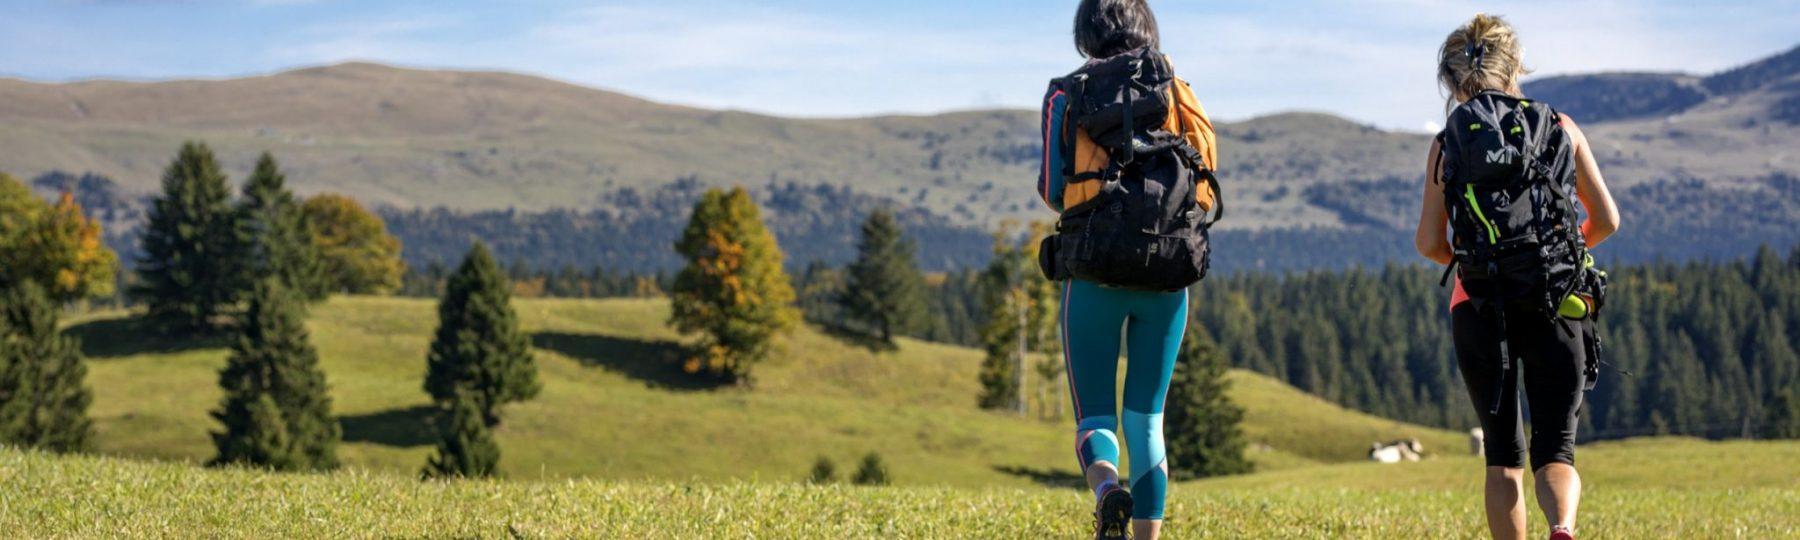 Randonneuses dans les Hautes-Combes © Nicolas Gascard/Jura Tourisme